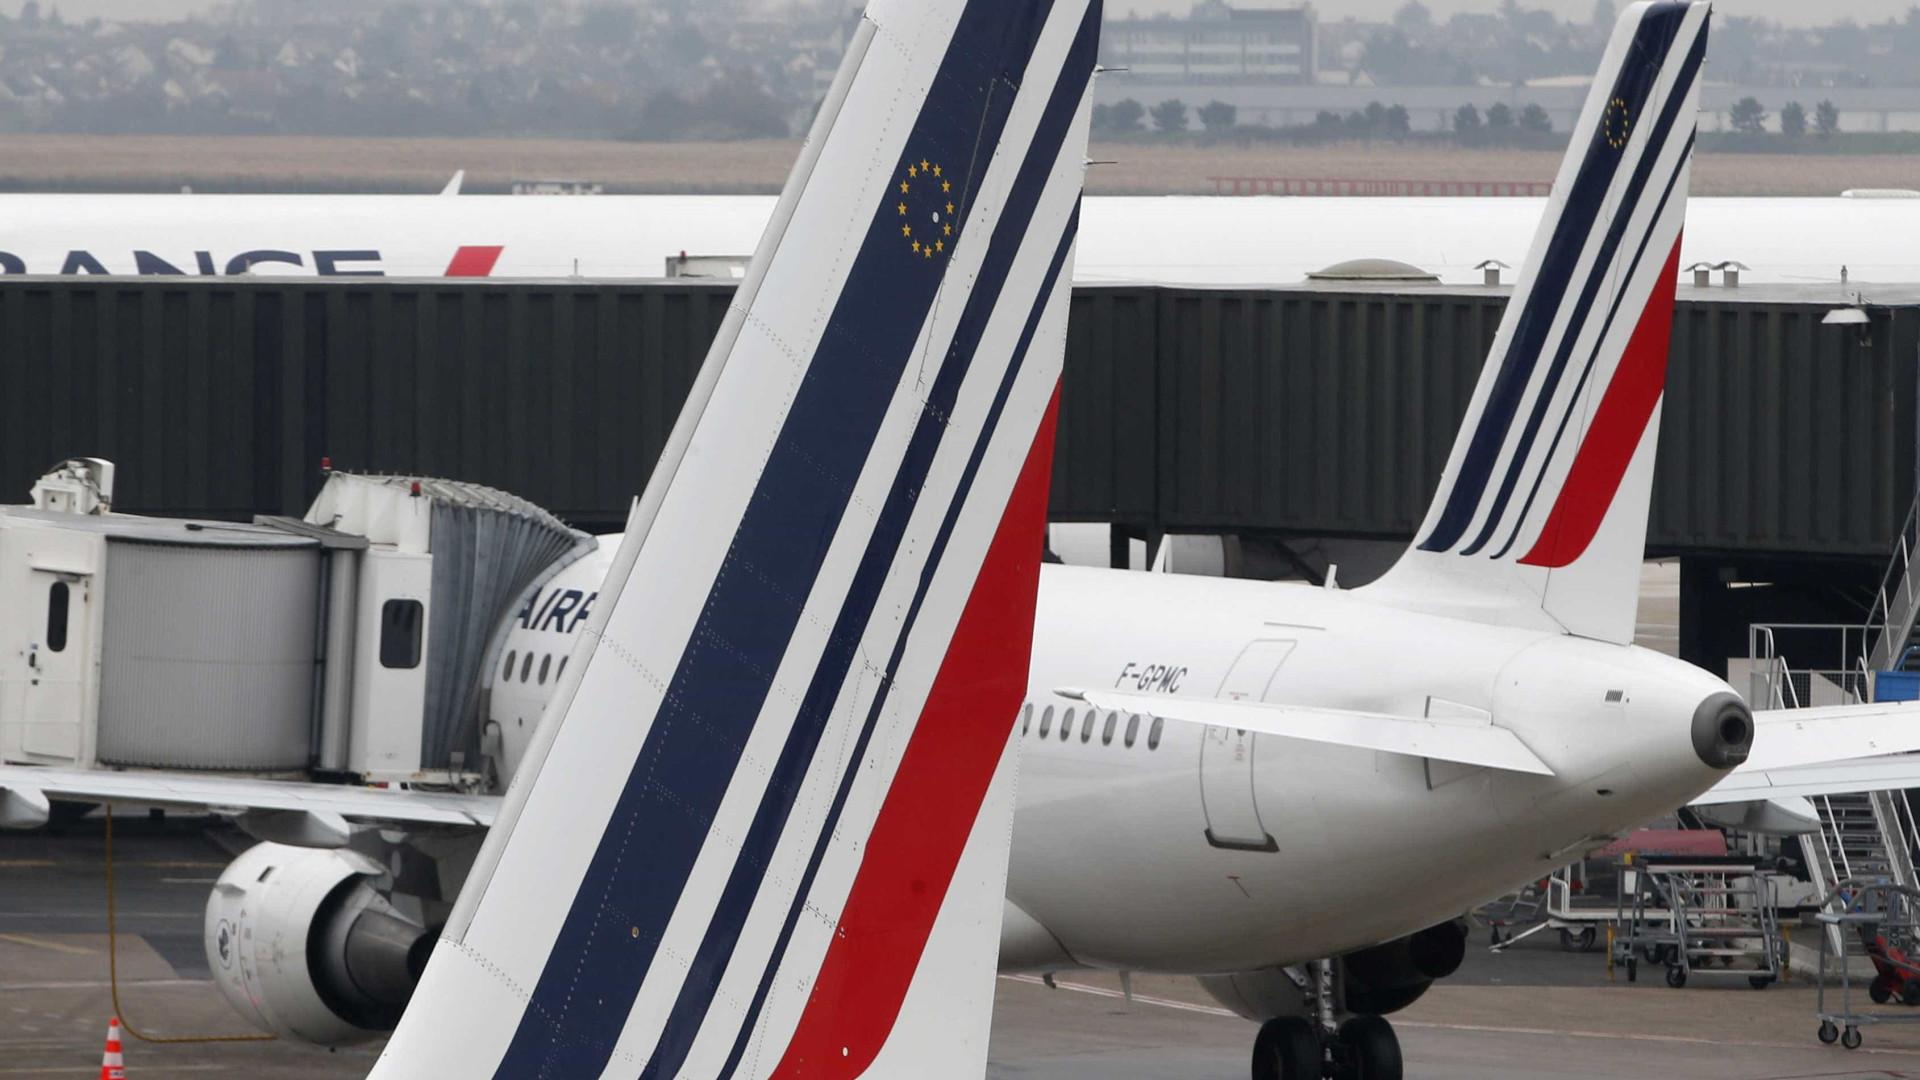 Pilotos da Air France rejeitam proposta de 2% de aumento salarial